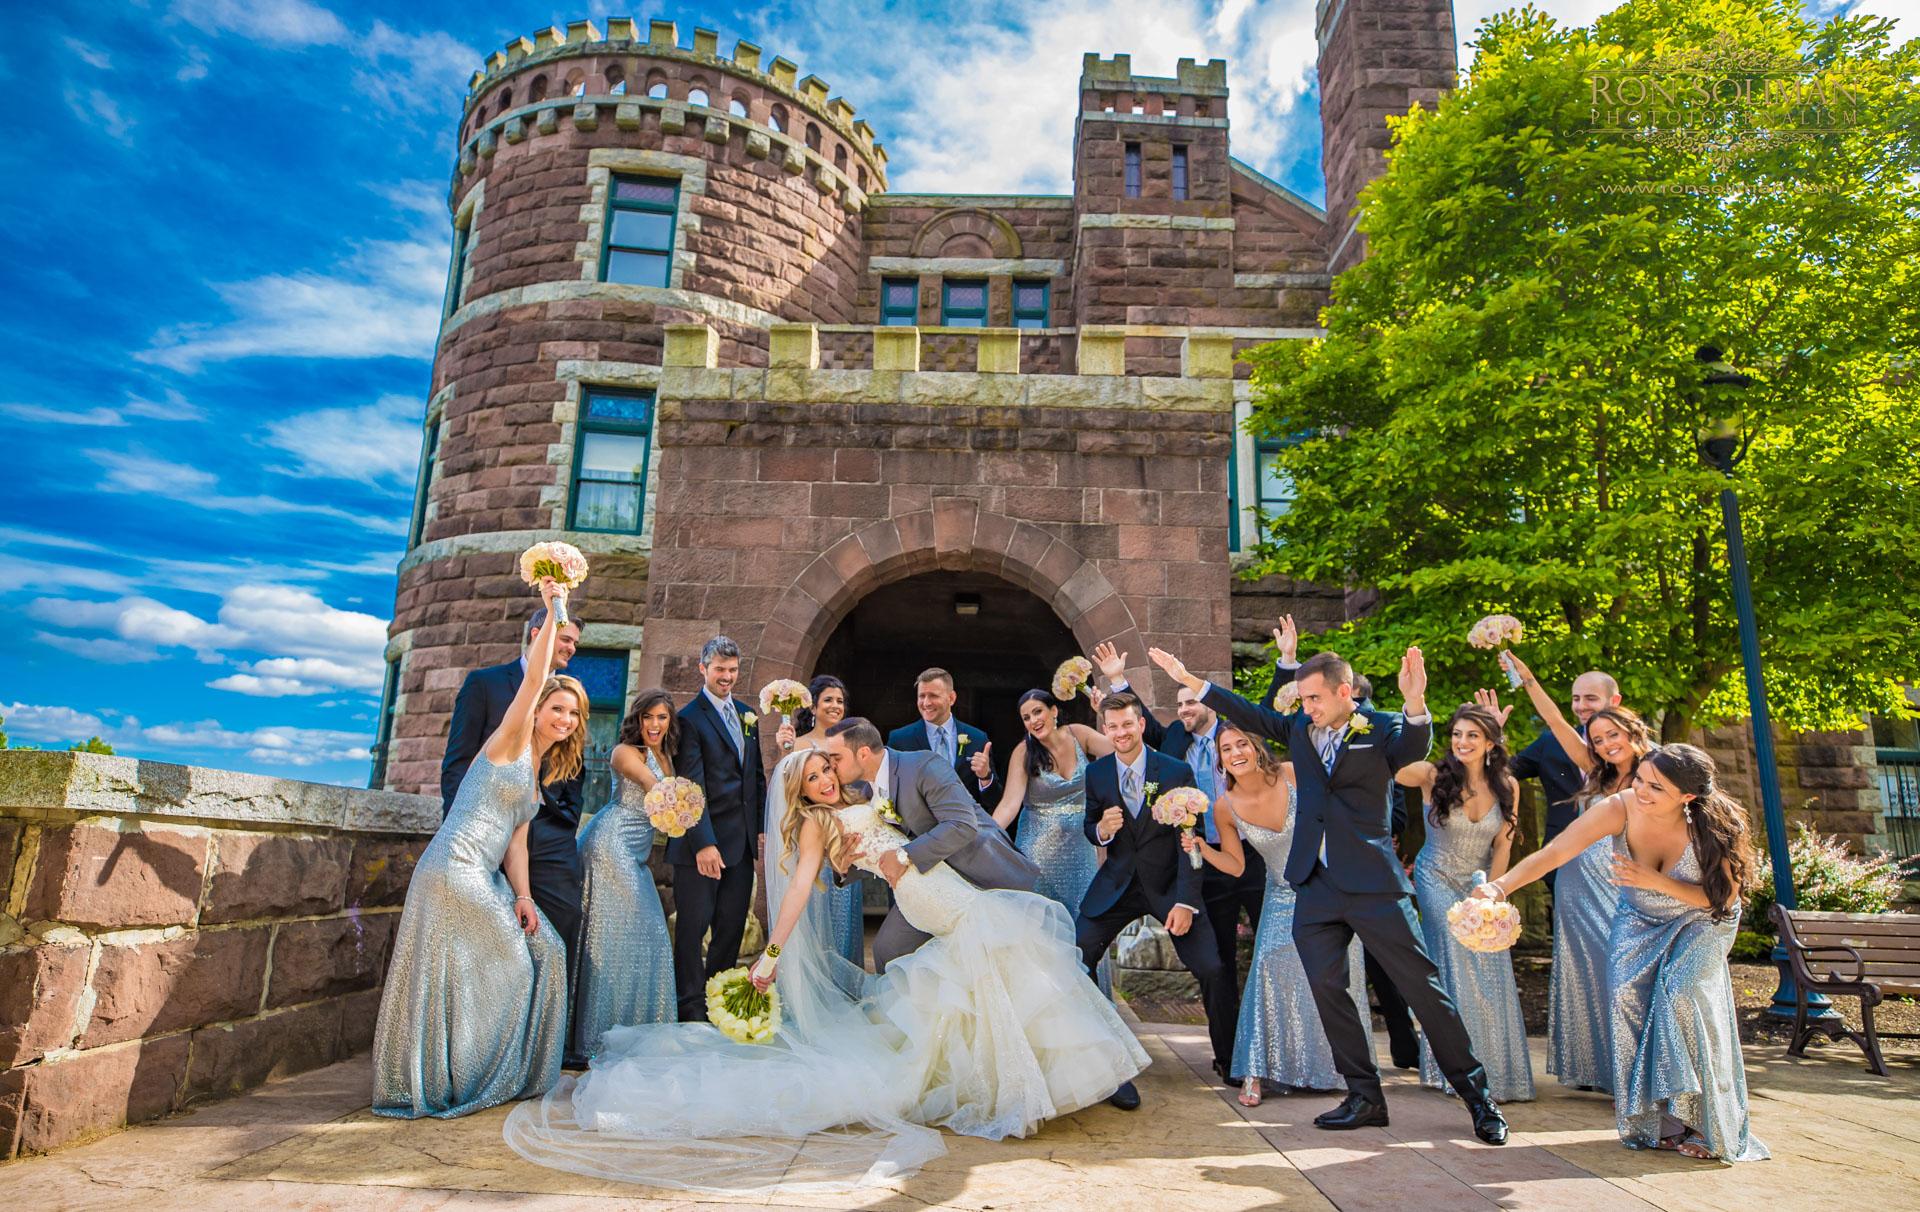 WESTMOUNT COUNTRY CLUB WEDDING 27